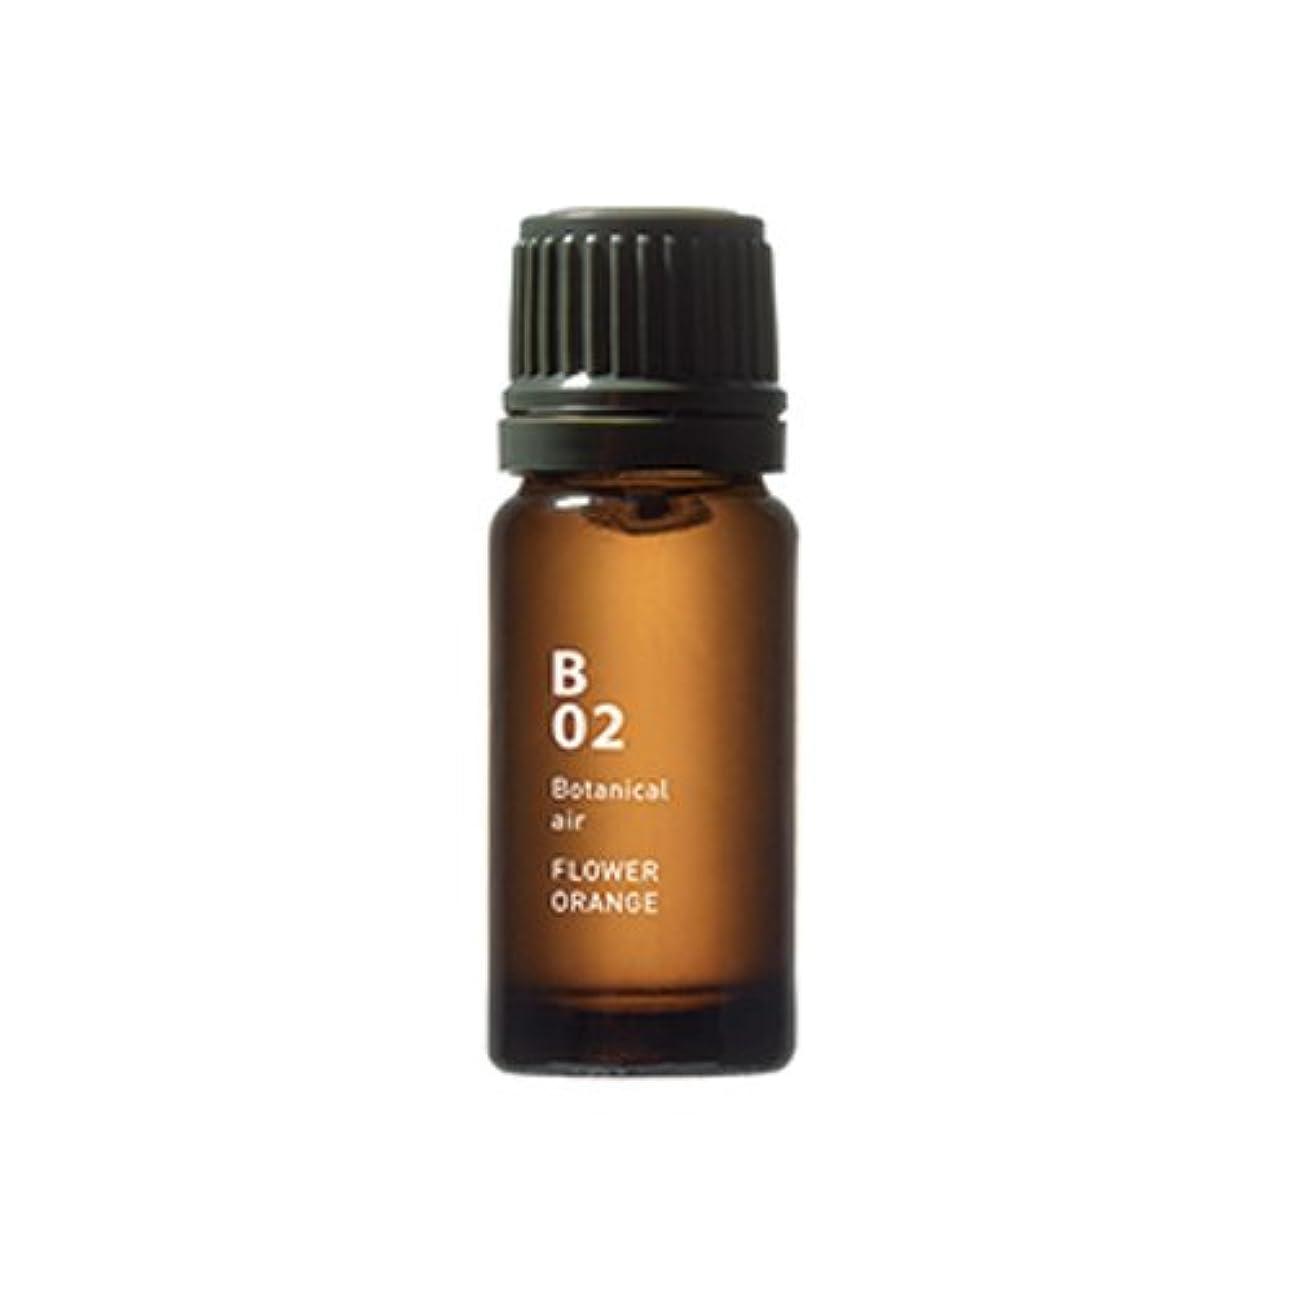 液体カエルレイアウトB02 フラワーオレンジ Botanical air(ボタニカルエアー) 10ml